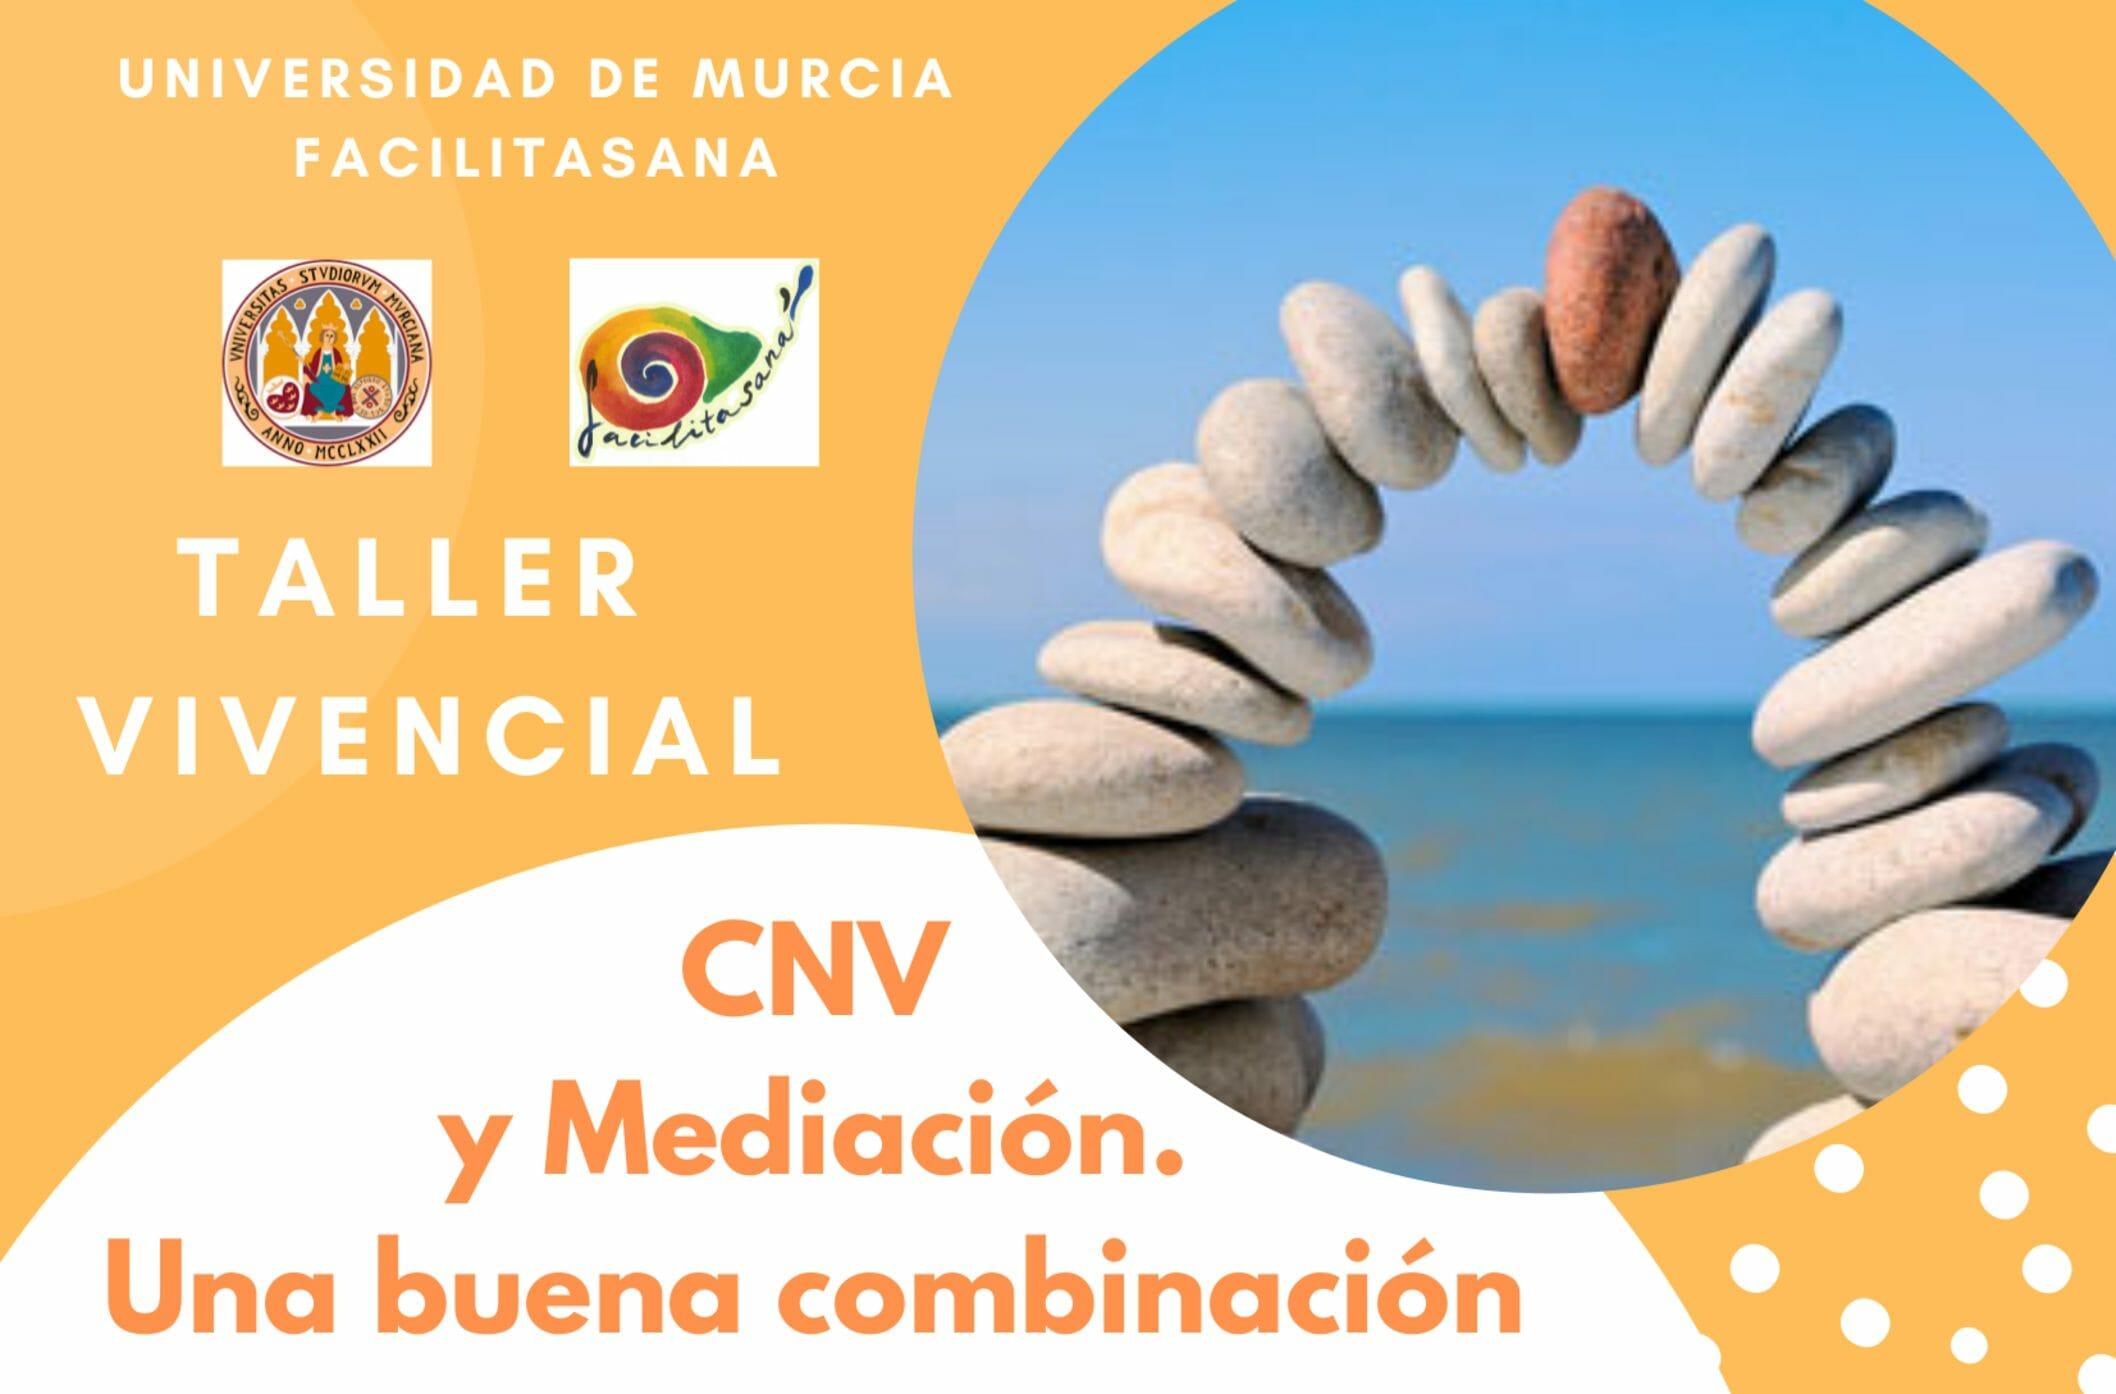 CNV y Mediación. Una buena combinación.